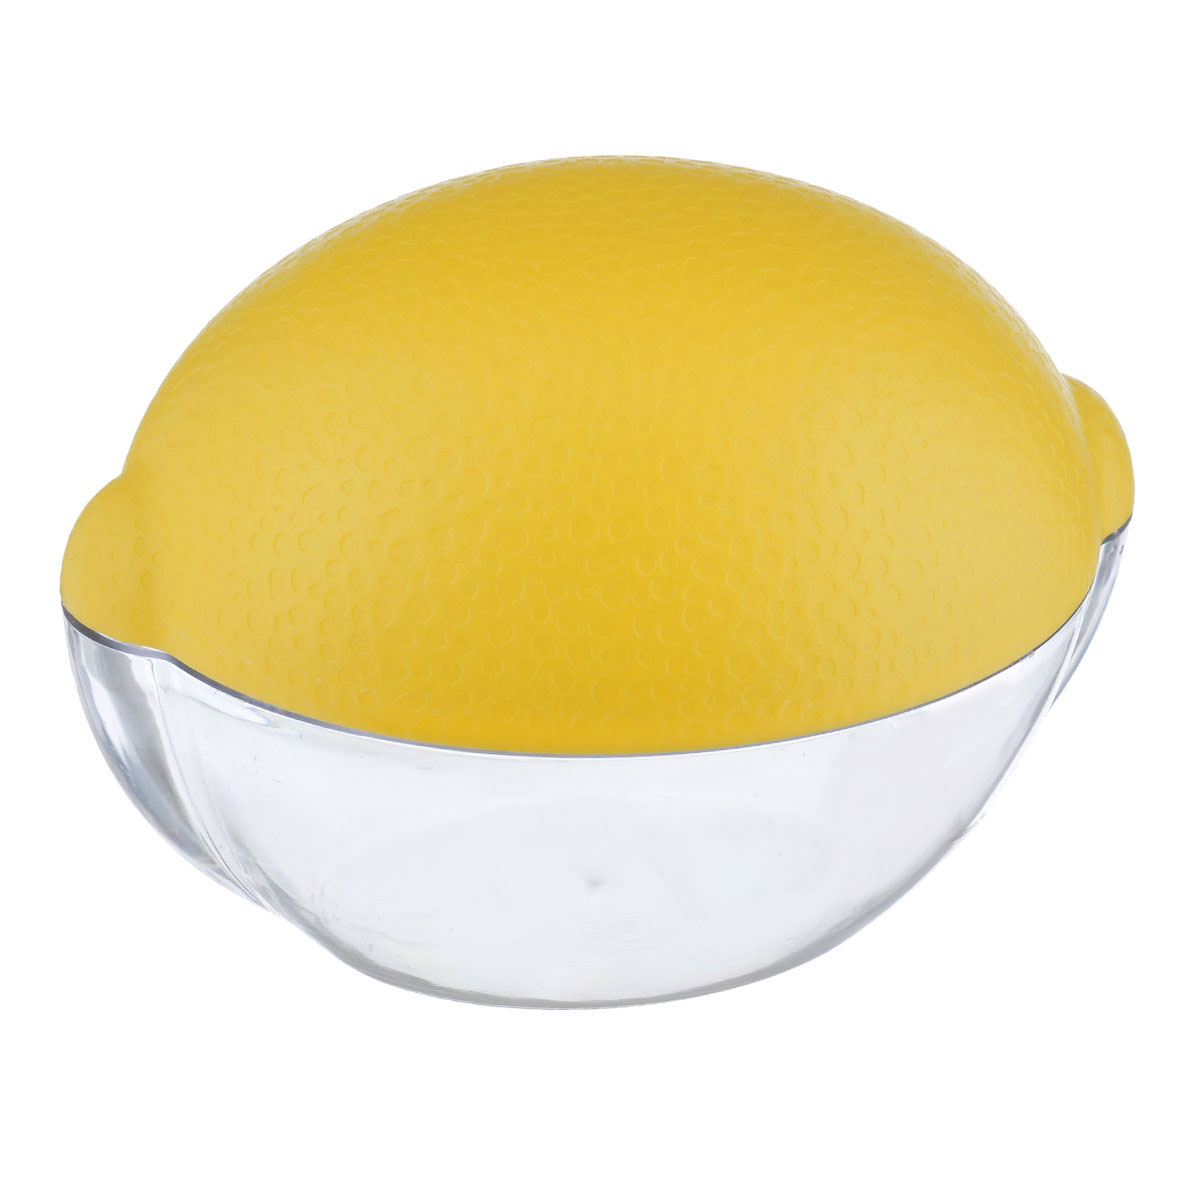 Емкость для лимона Альтернатива, цвет: прозрачный, желтый21395599Емкость для лимона Альтернатива изготовлен из высококачественного прочного пластика в виде лимона. Такой контейнер - это уникальное полезное приобретение для тех, кто привык к порядку в холодильнике. Такой чехол сохранит вкусовые качества лимона и предохранит его от заветривания.